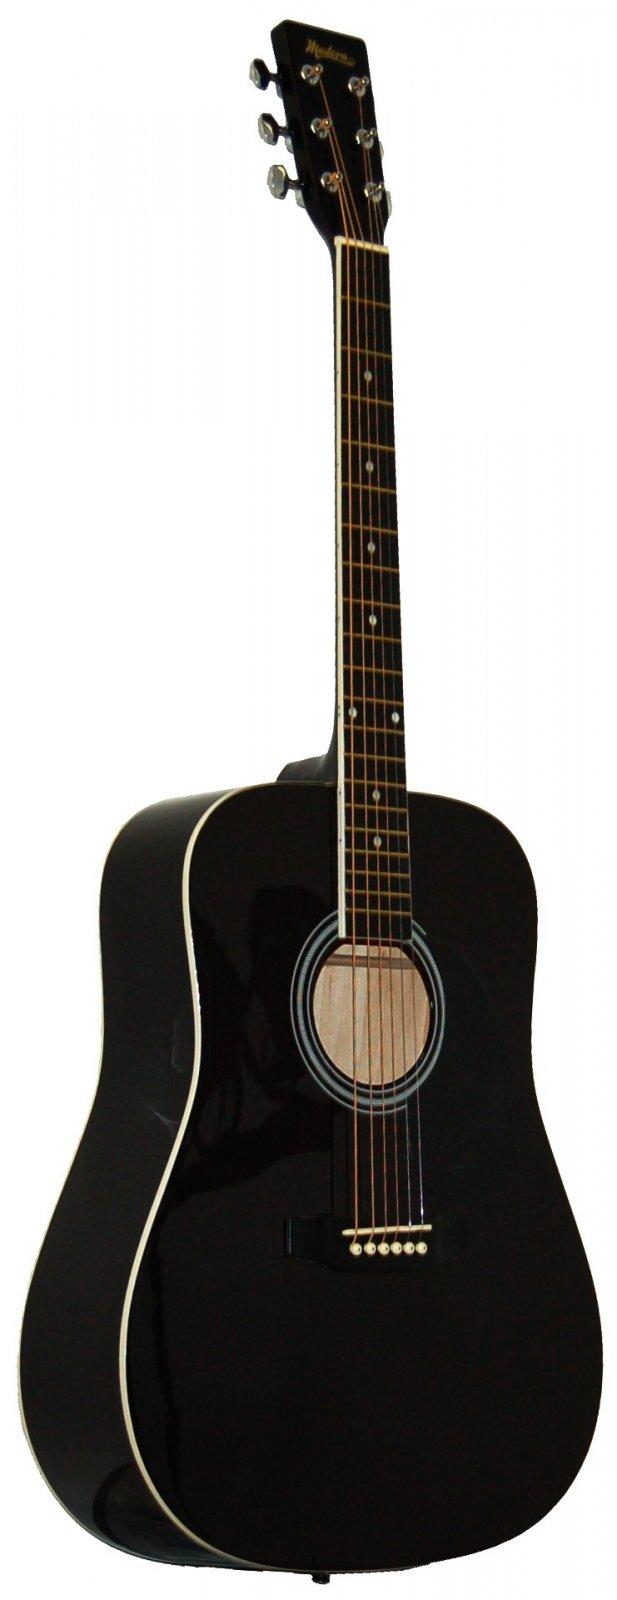 MADERA LD411 Acoustic